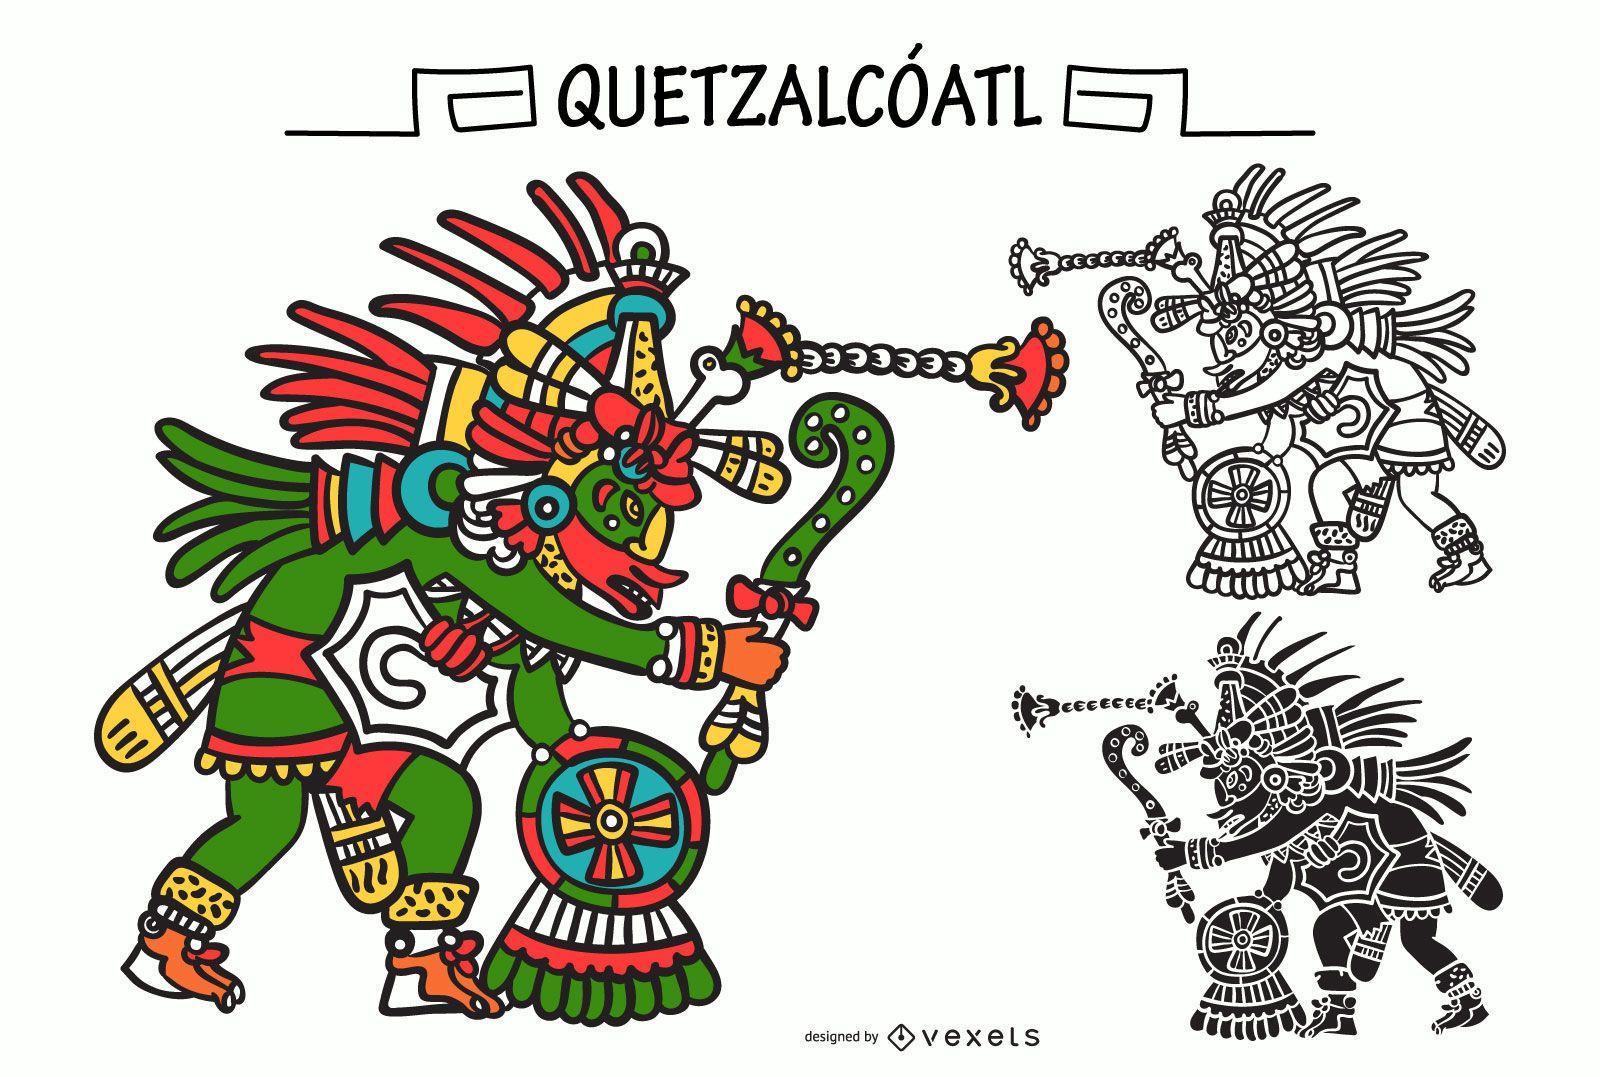 Quetzalcoatl dios azteca conjunto de vectores